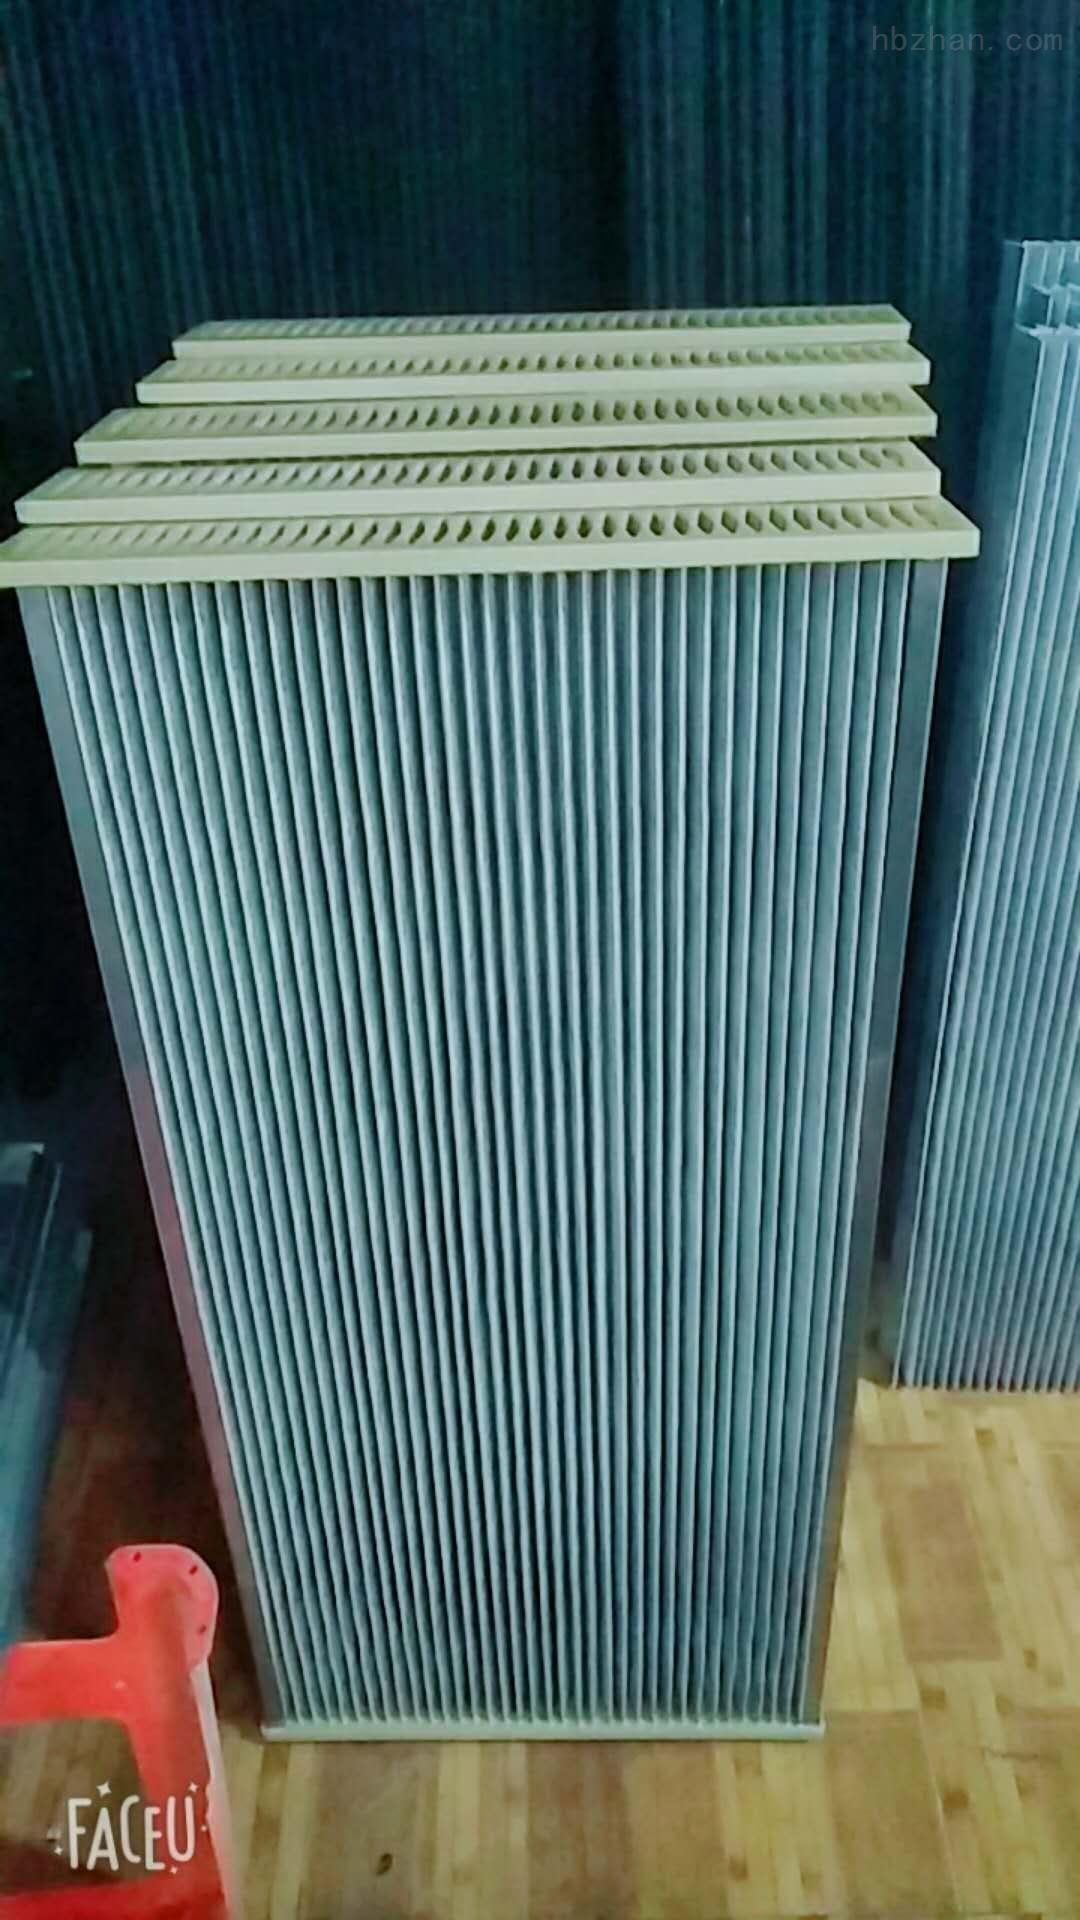 襄樊DFM40PP005A01滤芯厂家